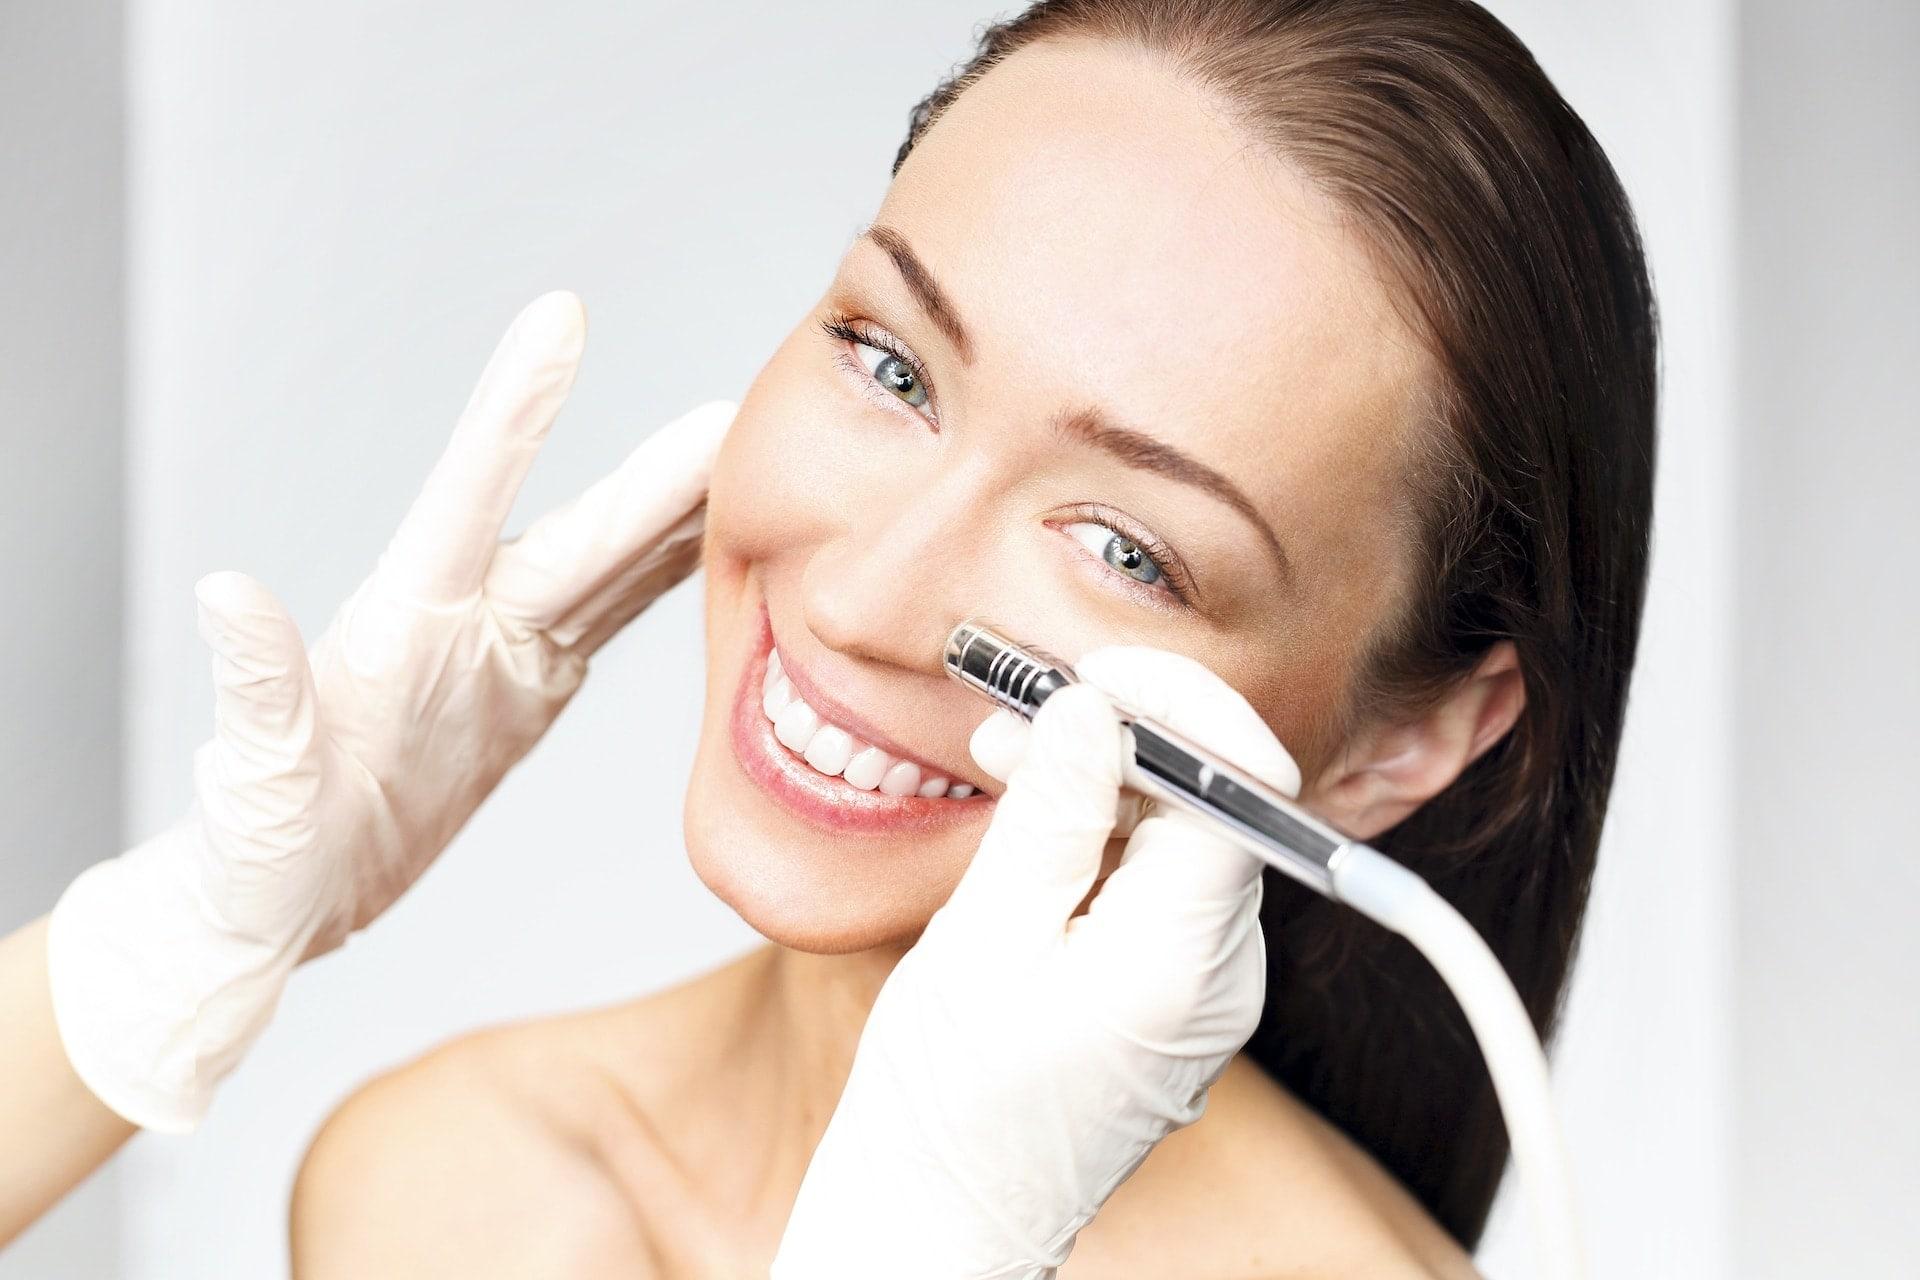 Renata Kajtaz Kosmetikinstitut Ehingen - Bild von Frau die im Gesicht behandelt wird und in Kamera lacht